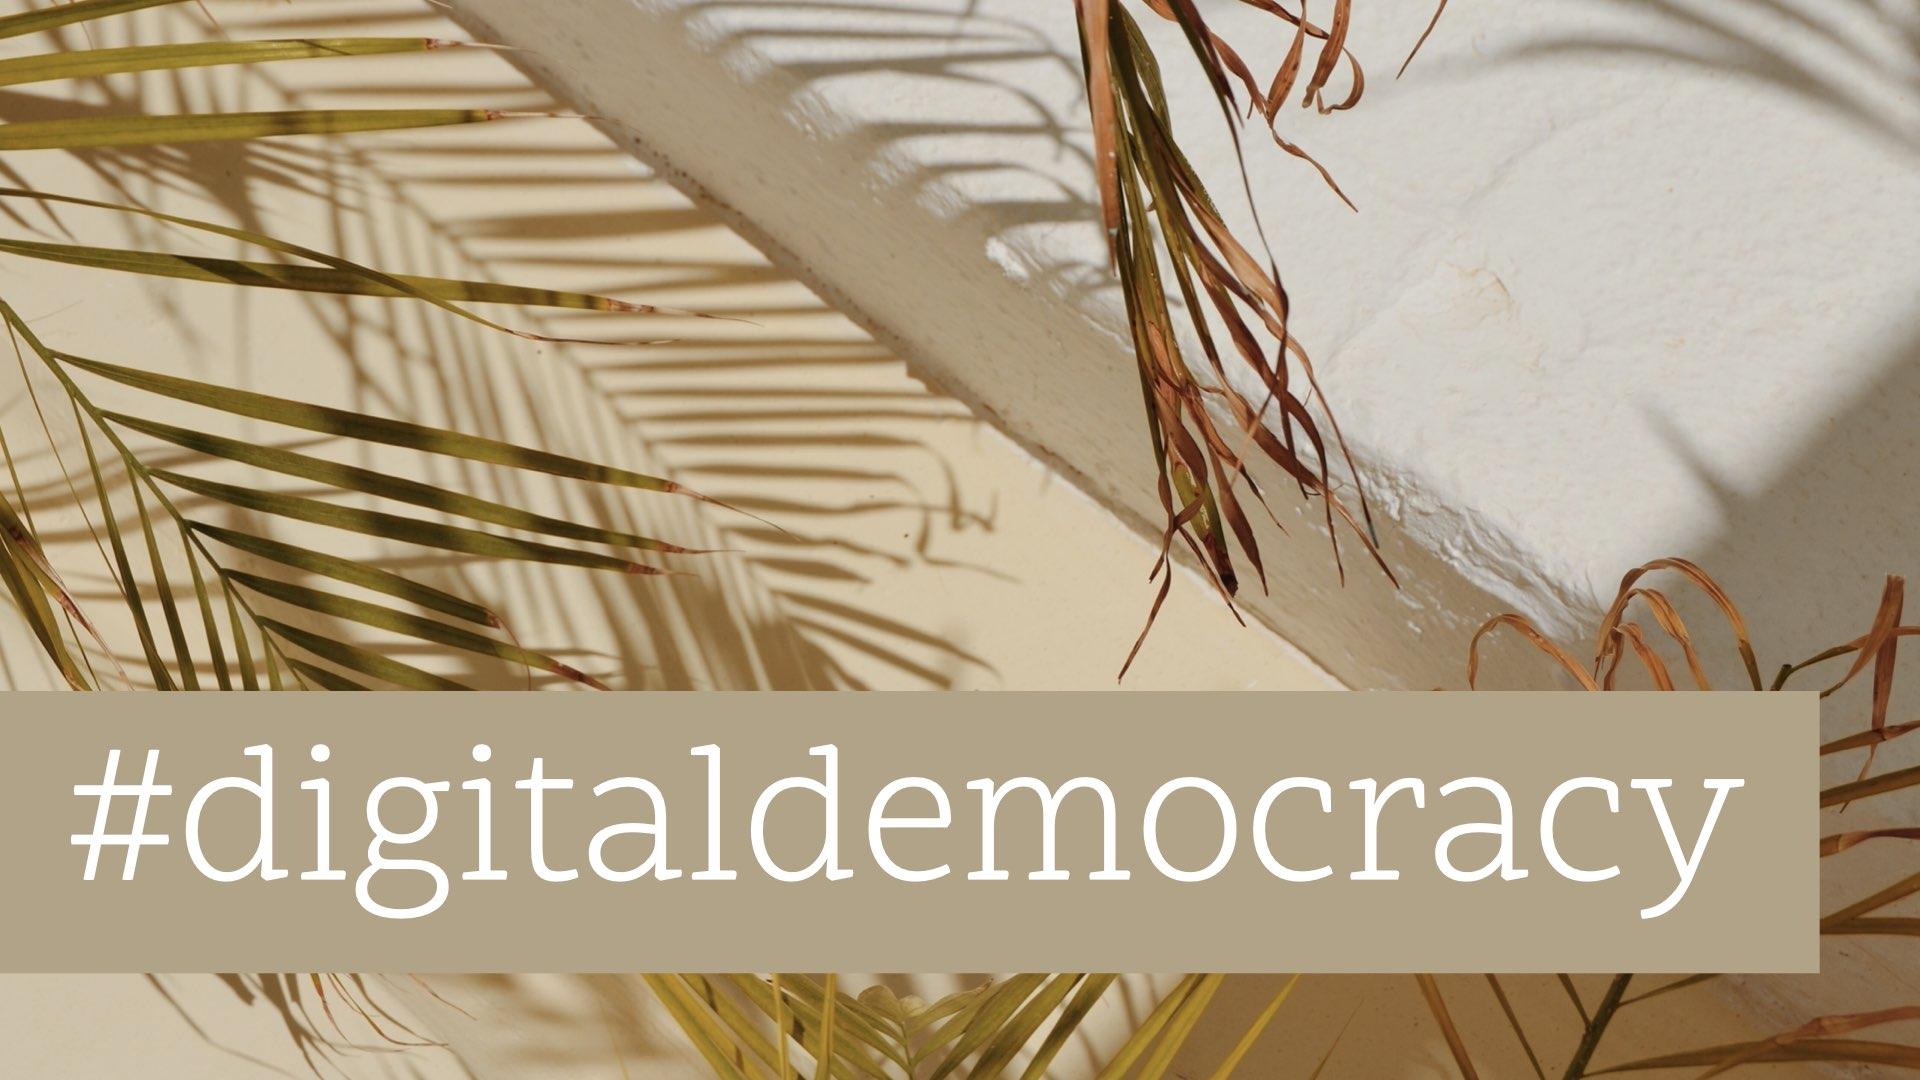 Die Schweiz: Eine digitale Demokratie?